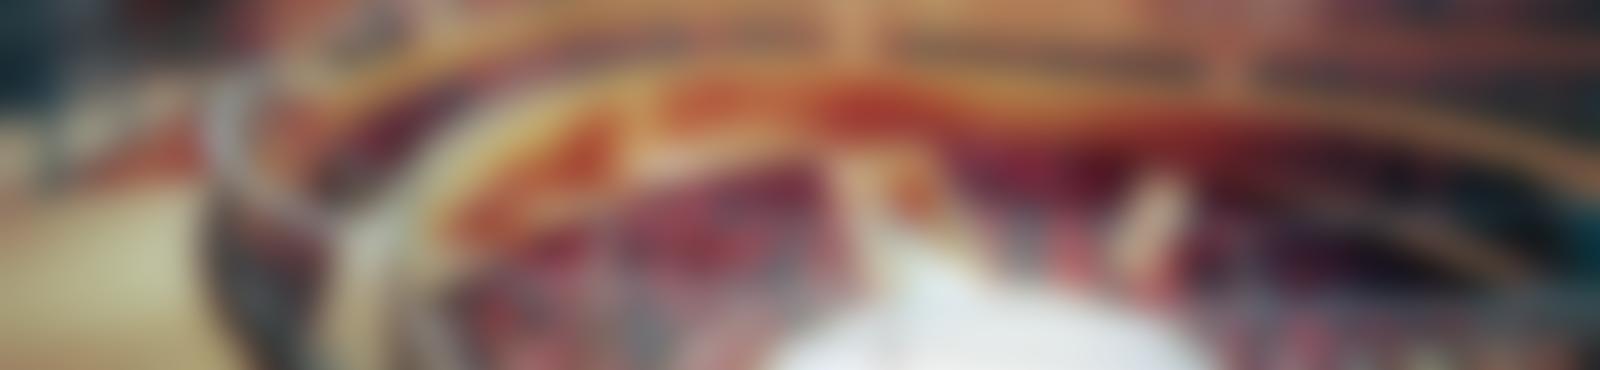 Blurred 0cc49f96 429a 4489 99a6 8eb7d3d0679c